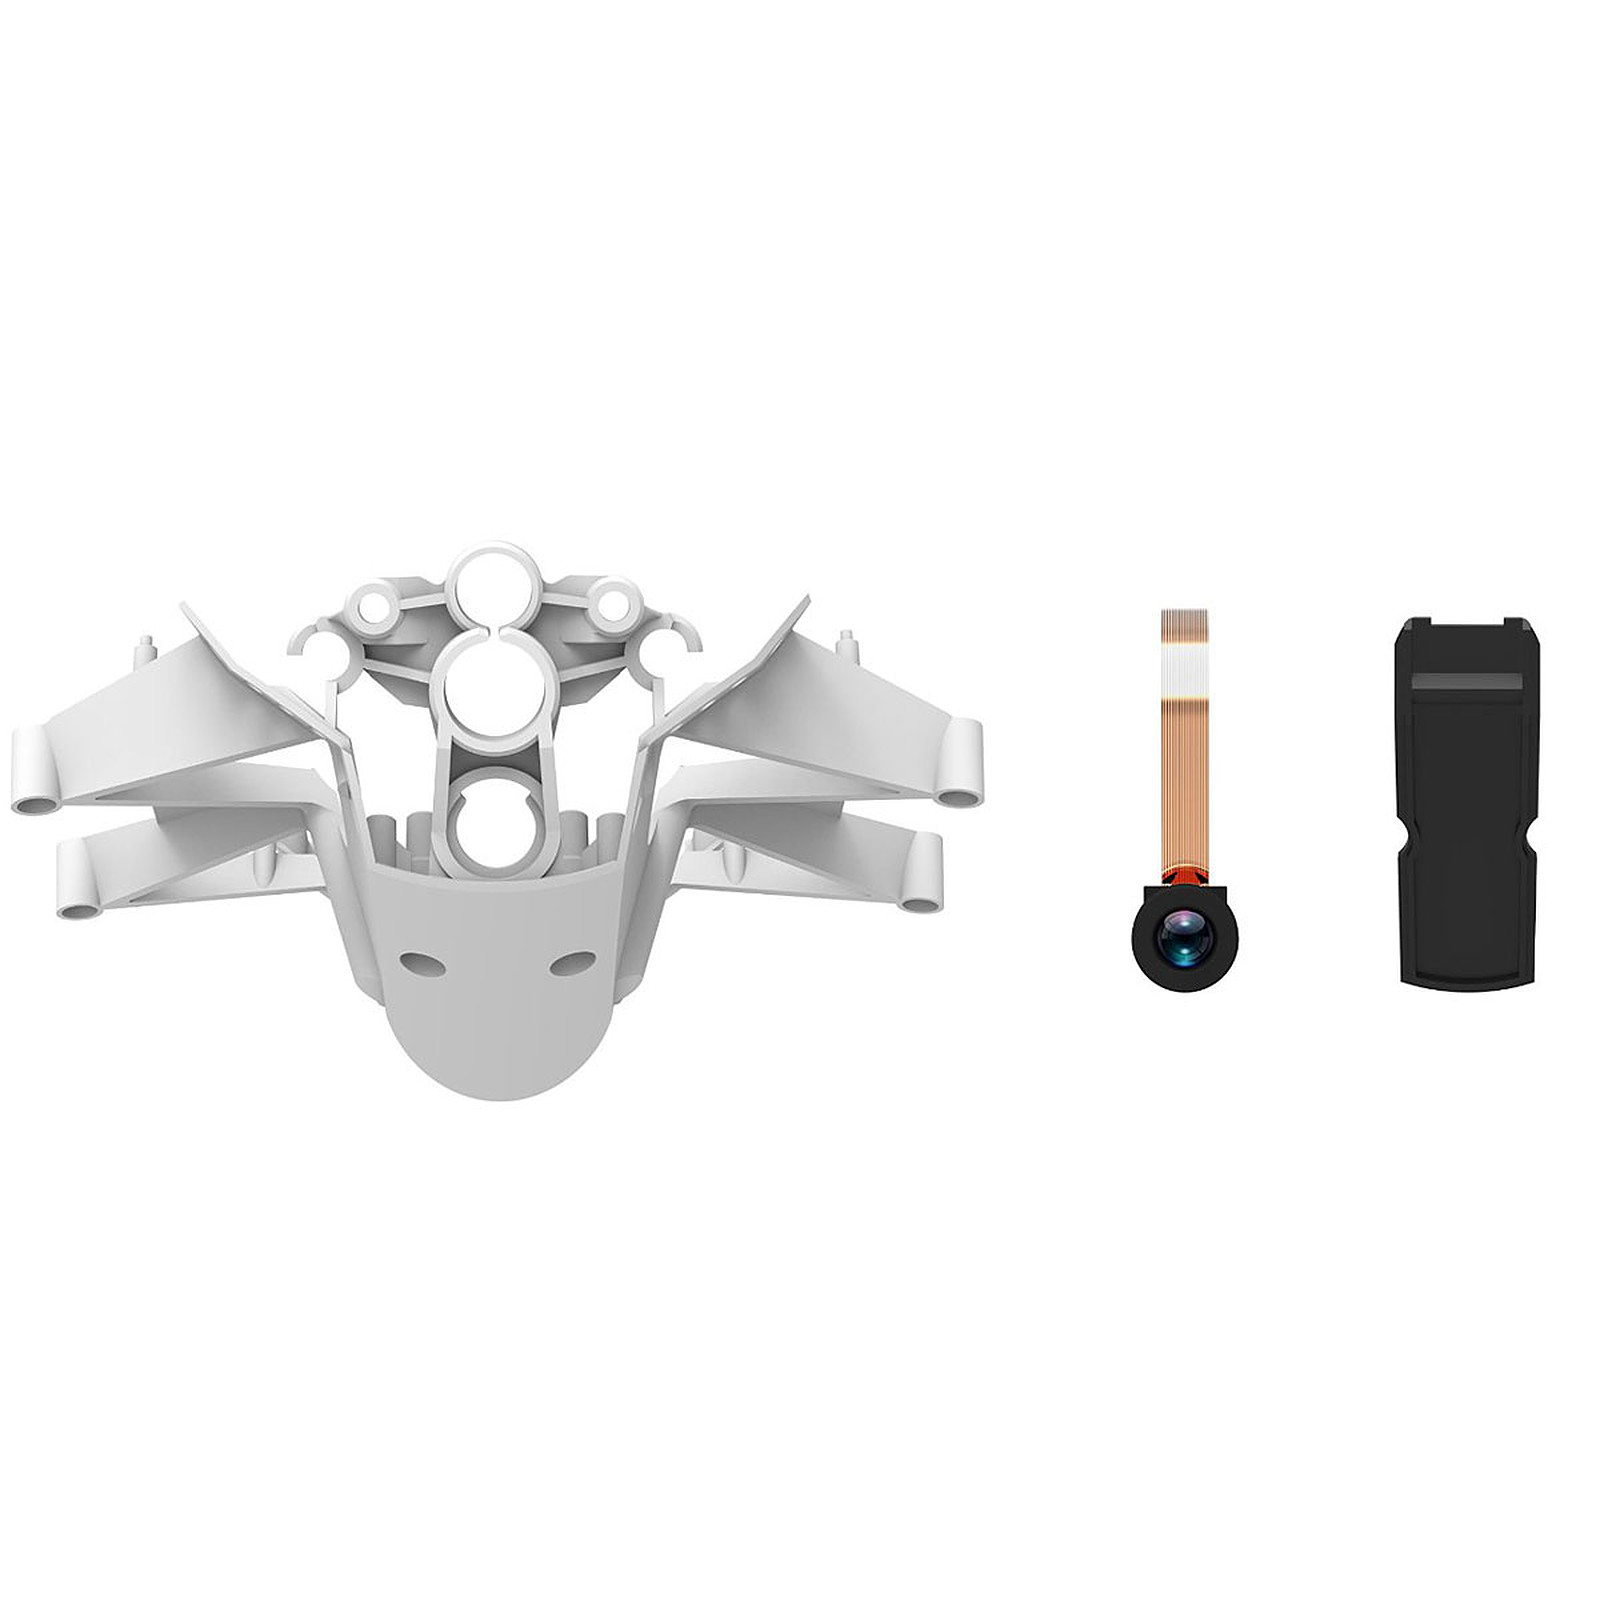 Parrot Caméra et structure pour MiniDrone Jumping Sumo Blanc